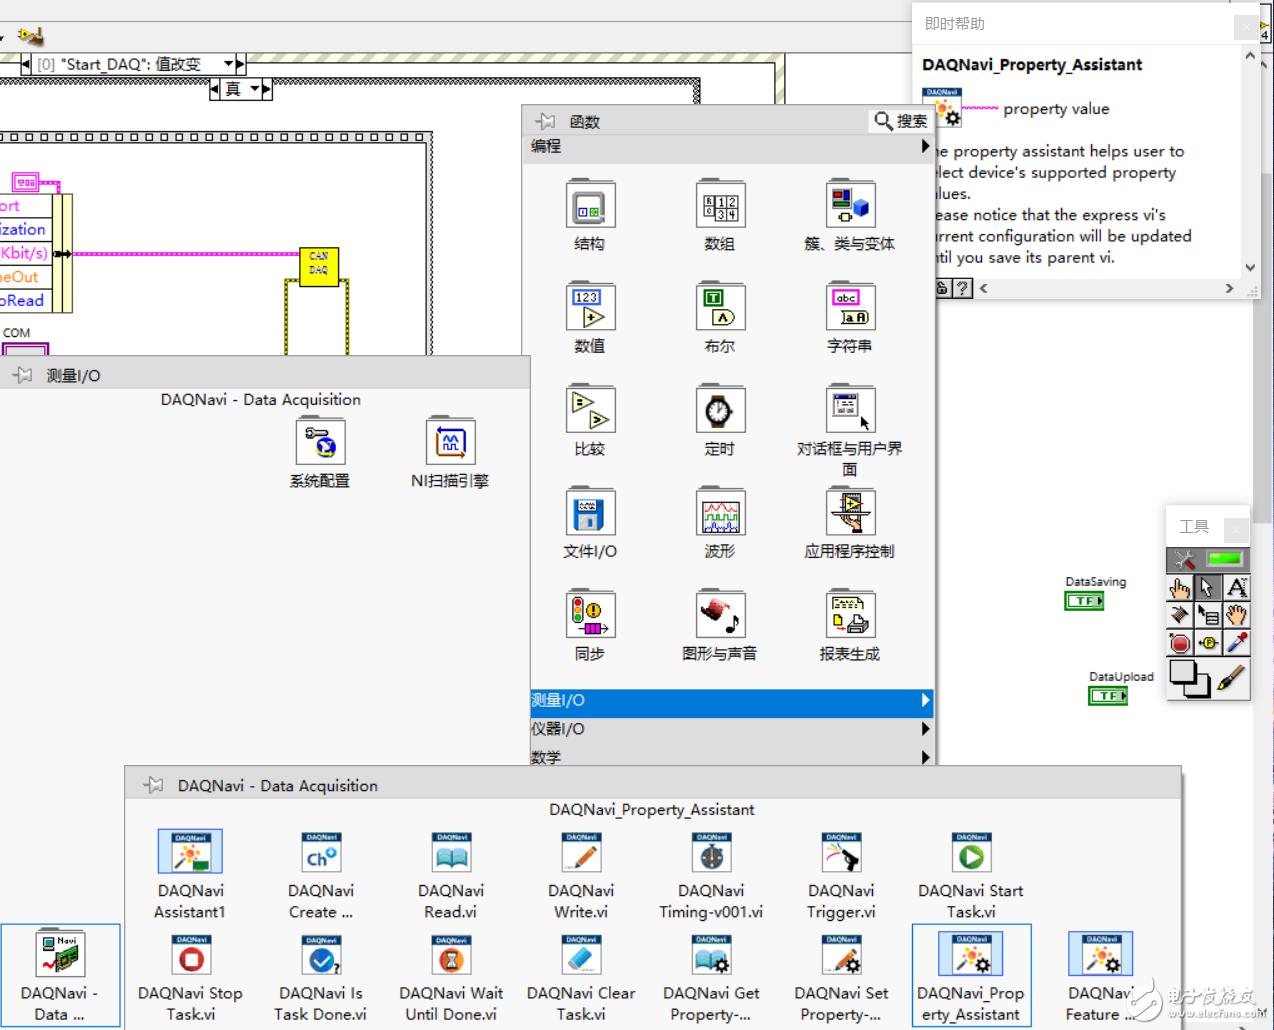 研华DAQNavi Property Assistance控件如何实现在前面板设置参数?